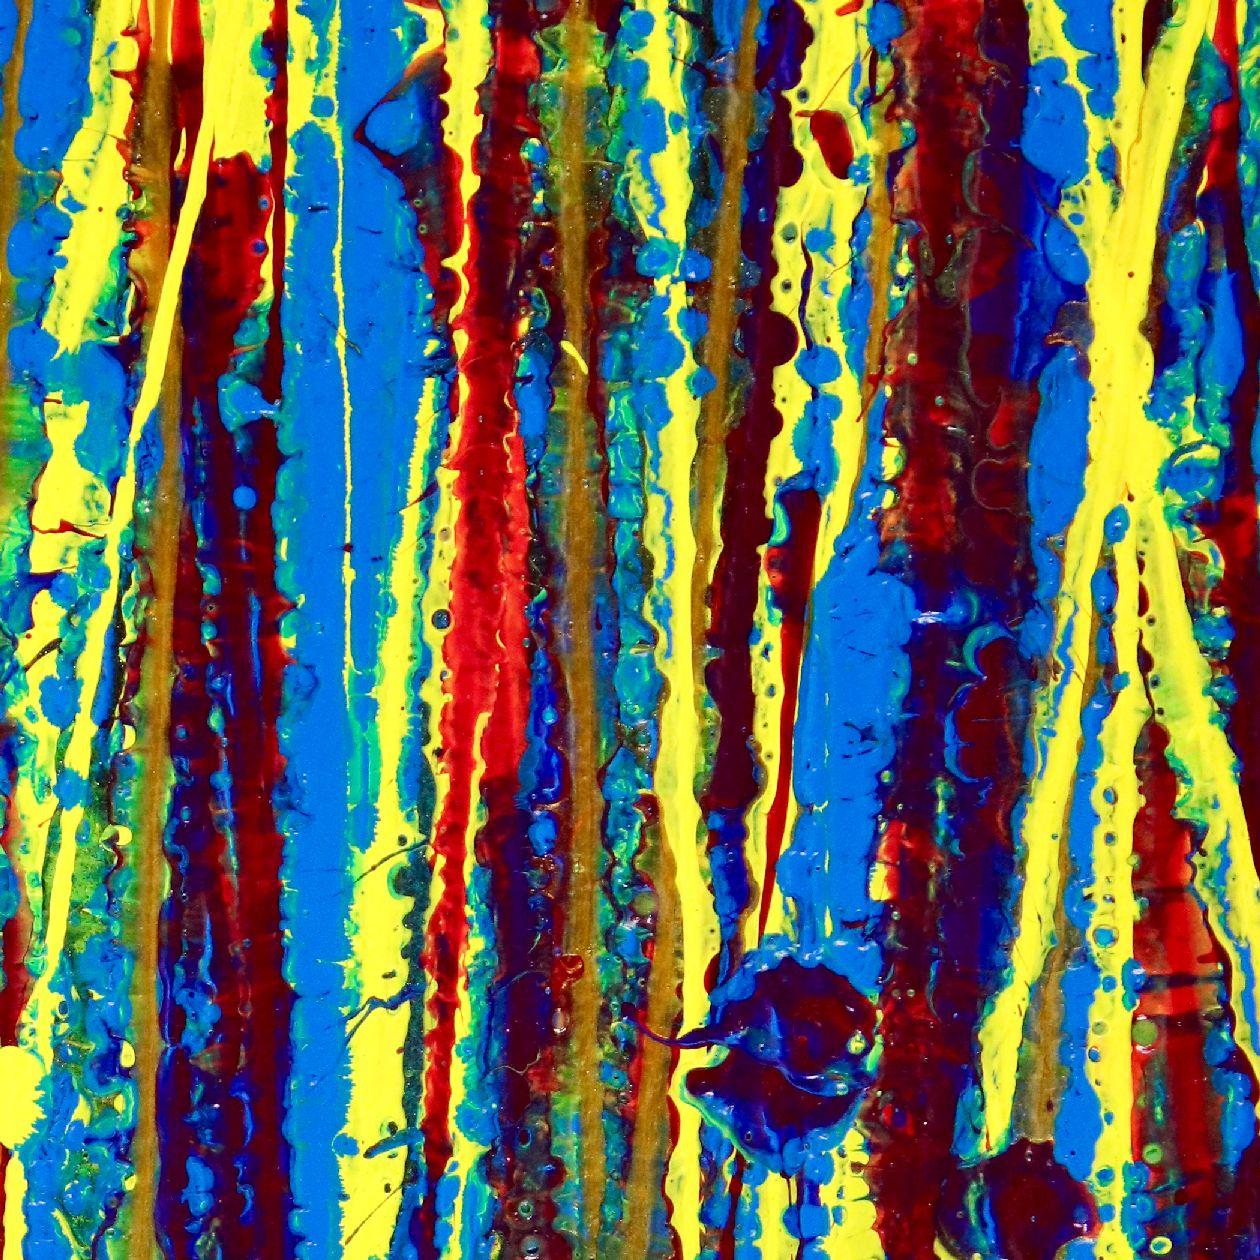 Detail - Shimmering Garden 1 (Flow State) by Nestor Toro 2020